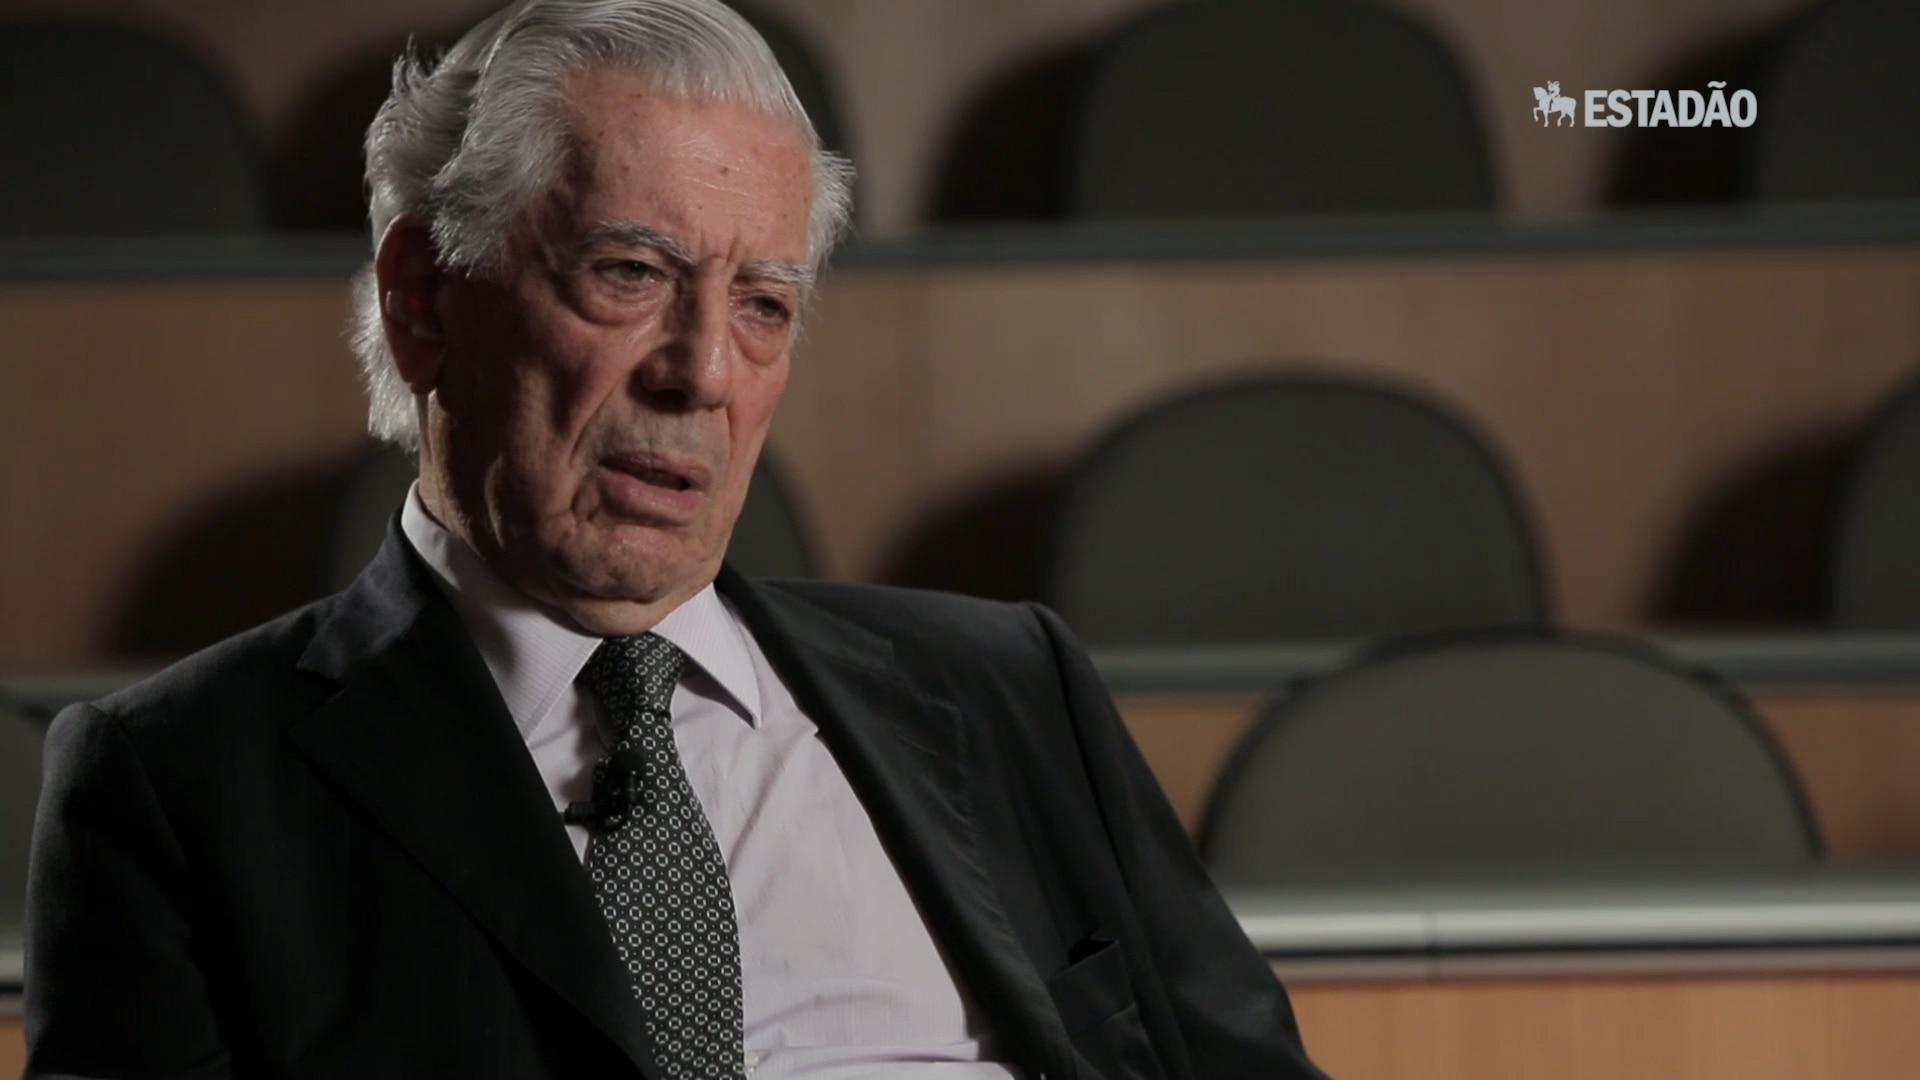 Vargas Llosa: 'Nada estanca mais a sociedade do que o conformismo'